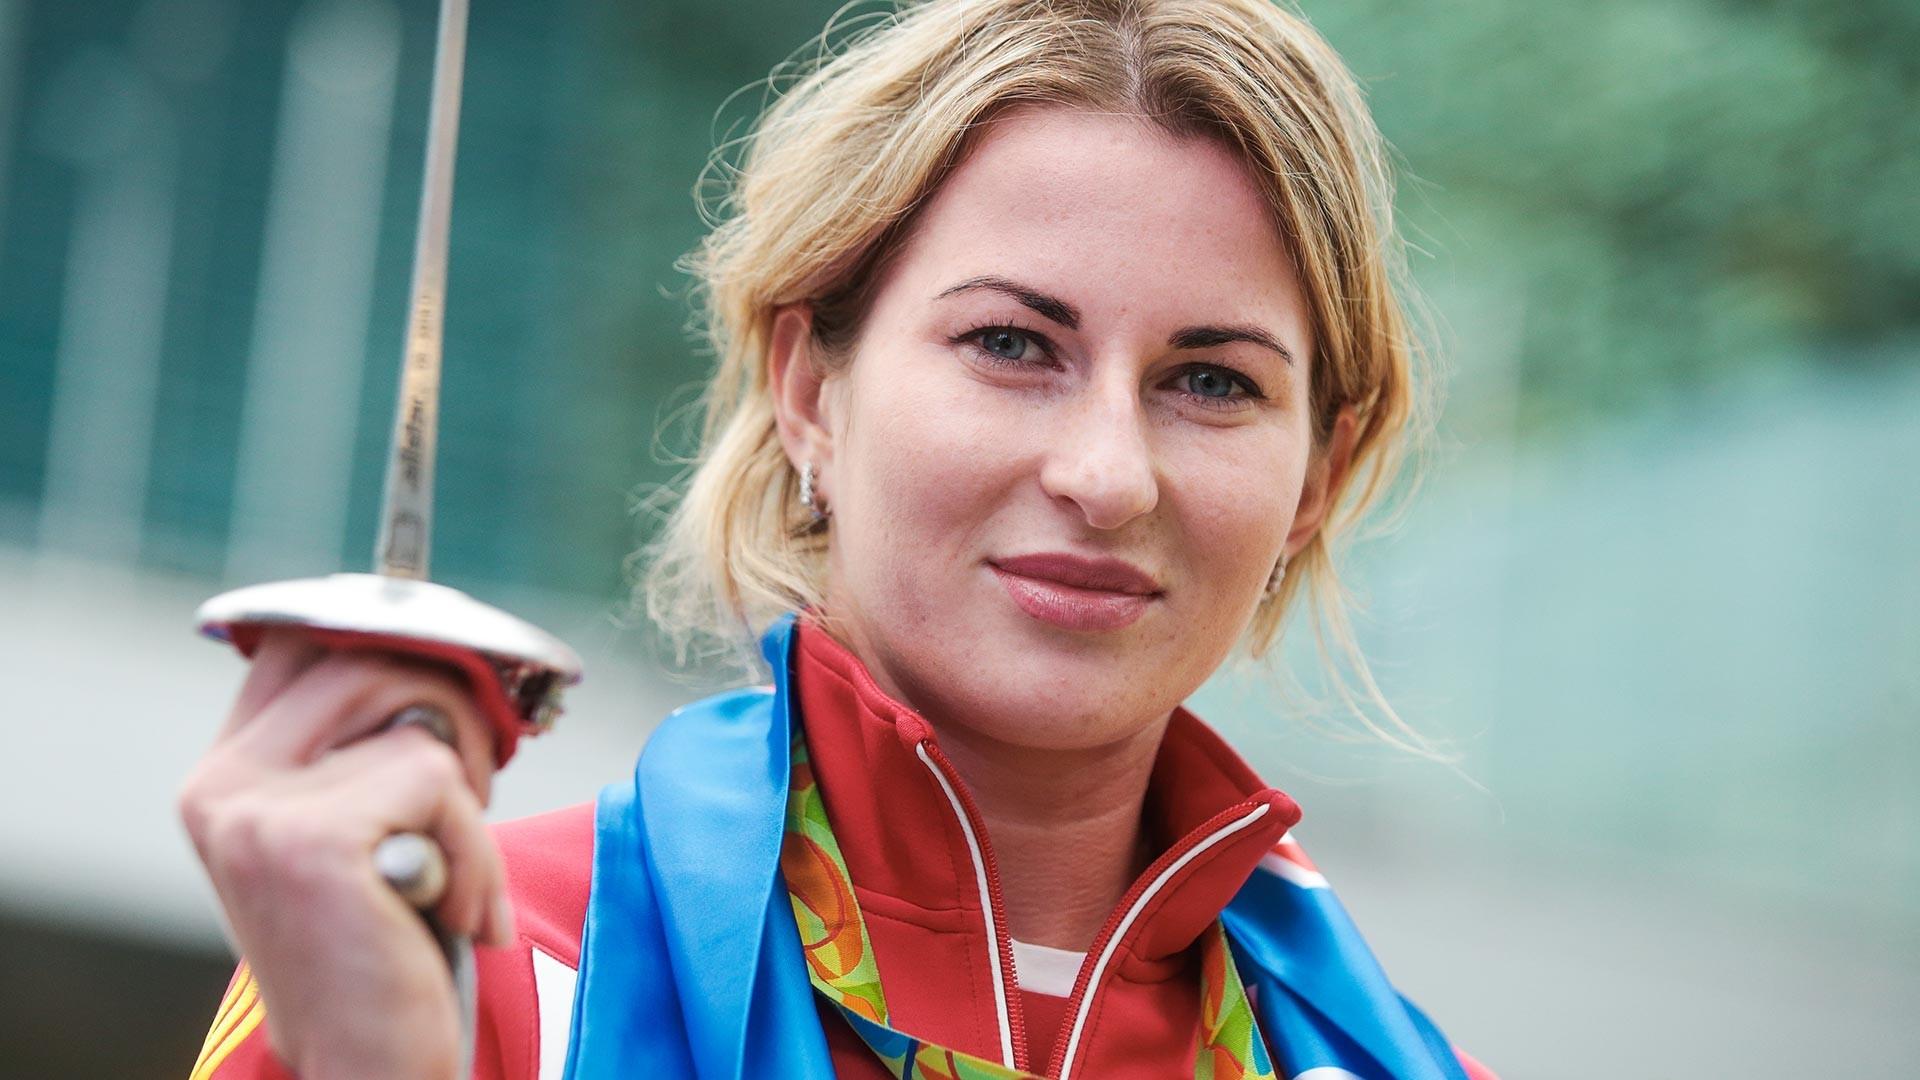 Inna Deriglazova à l'aéroport Cheremetievo après sa victoire au Jeux olympiques de Tokyo